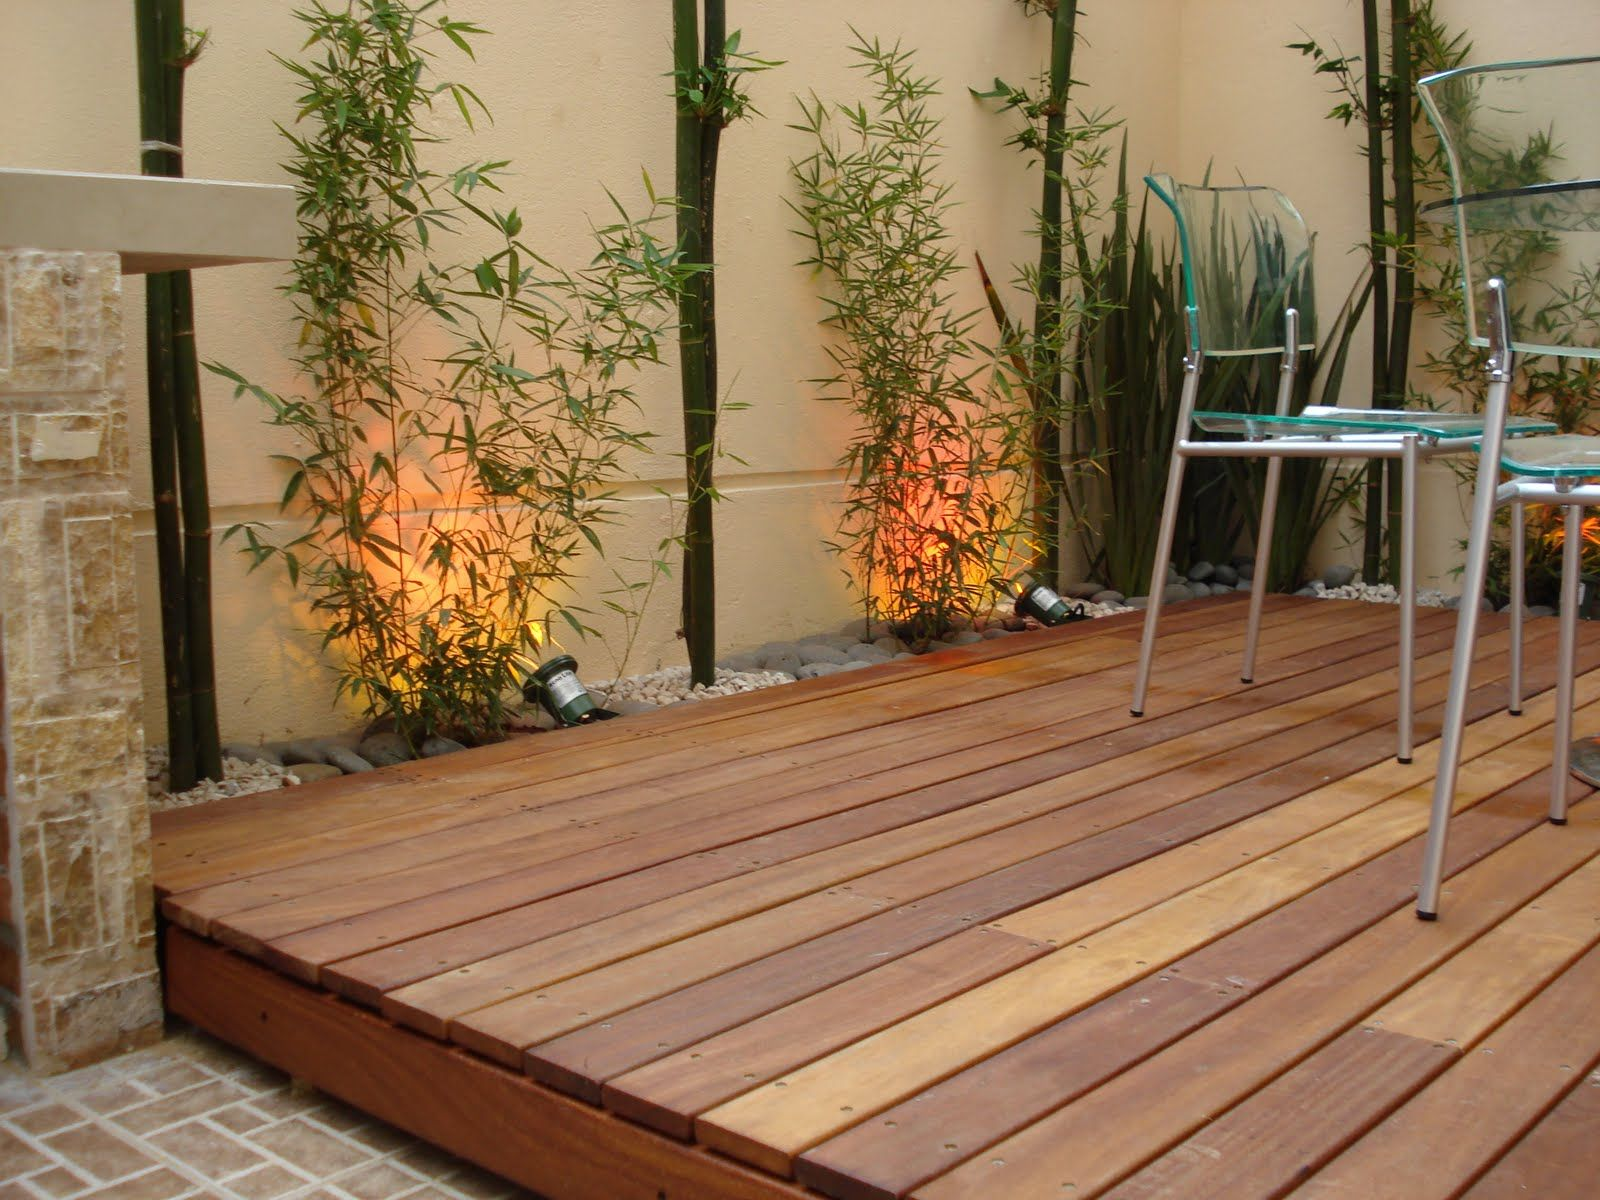 Terraza con deck decorado en madera y sillas de acero - Jardines decorados con madera ...